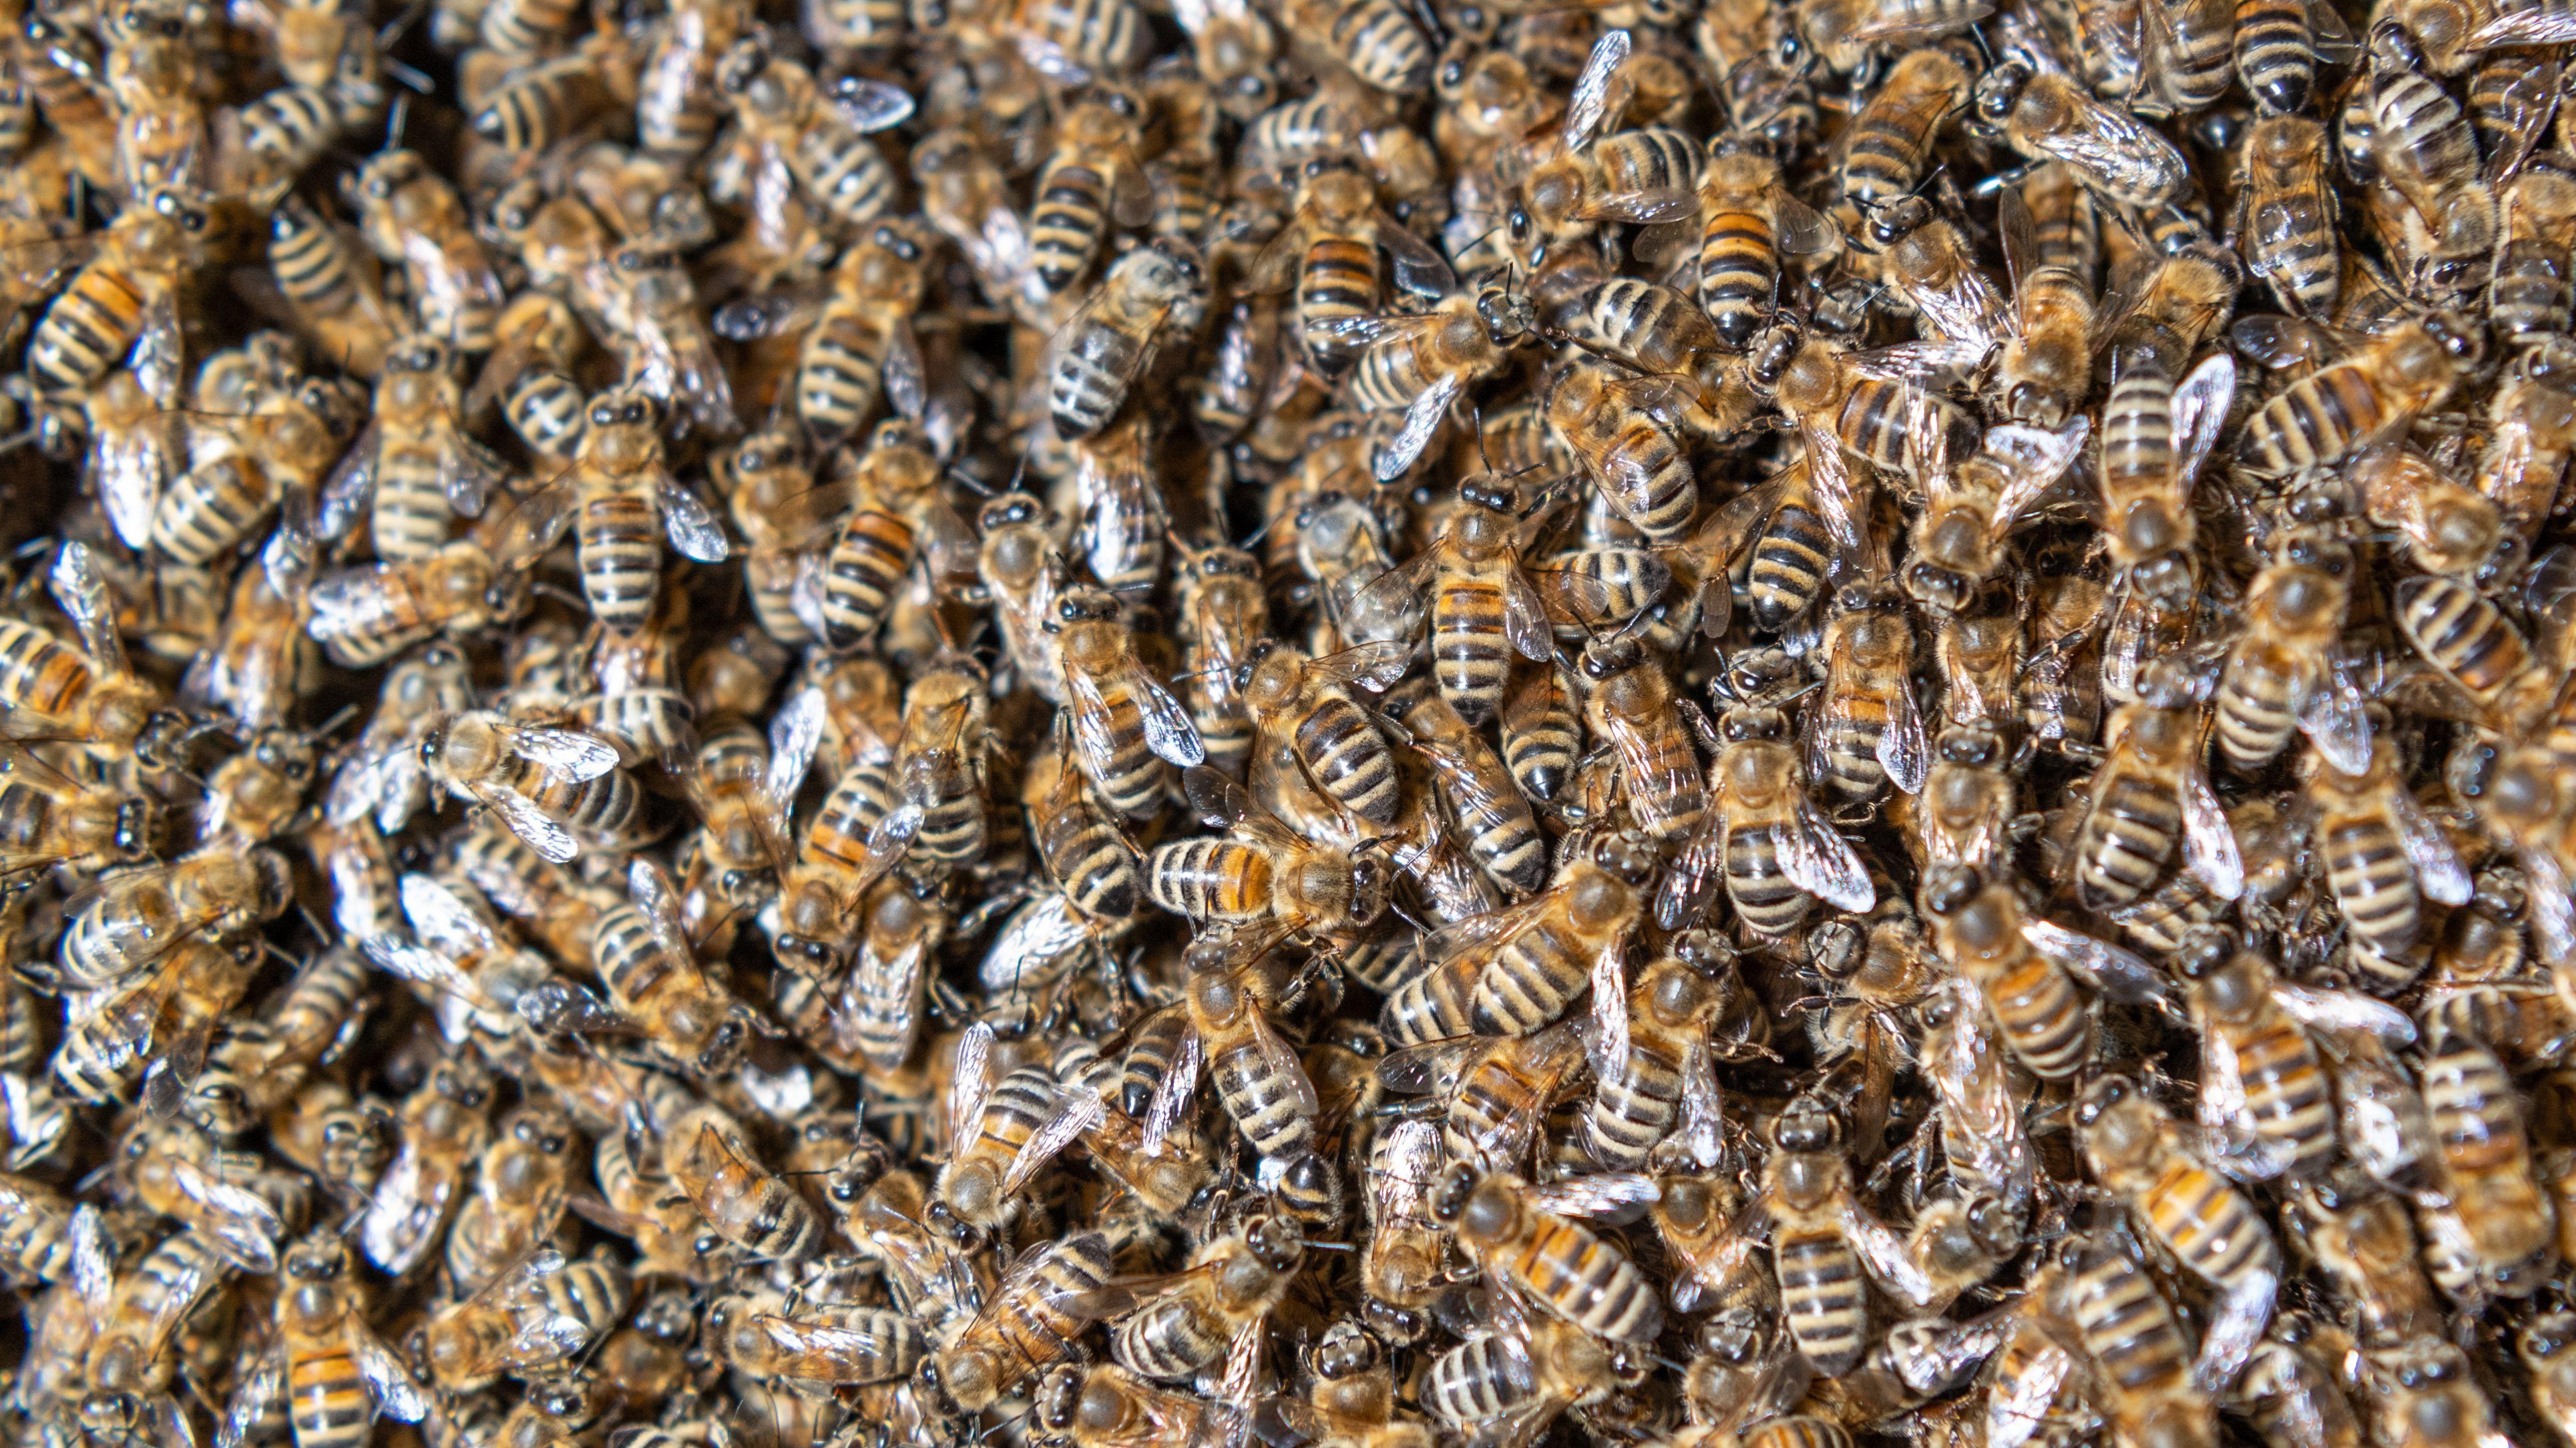 Bienenschwarm auf Flugzeugscheibe - Flieger in Indien verspätet